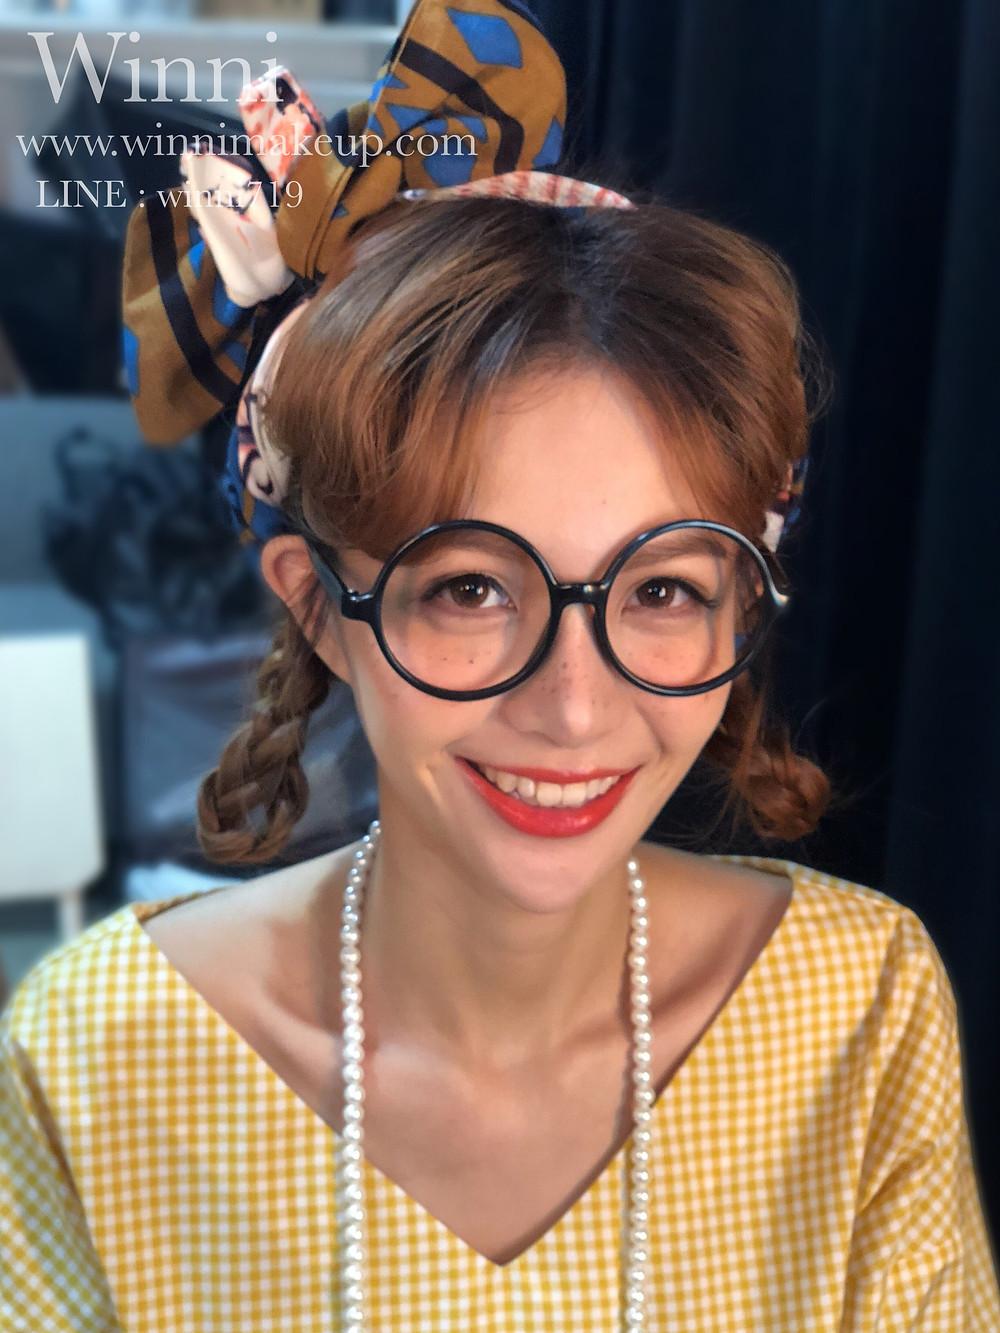 #雀斑妝 #辮子造型 #可愛造型 #女生可愛造型 #黑匡眼鏡造型